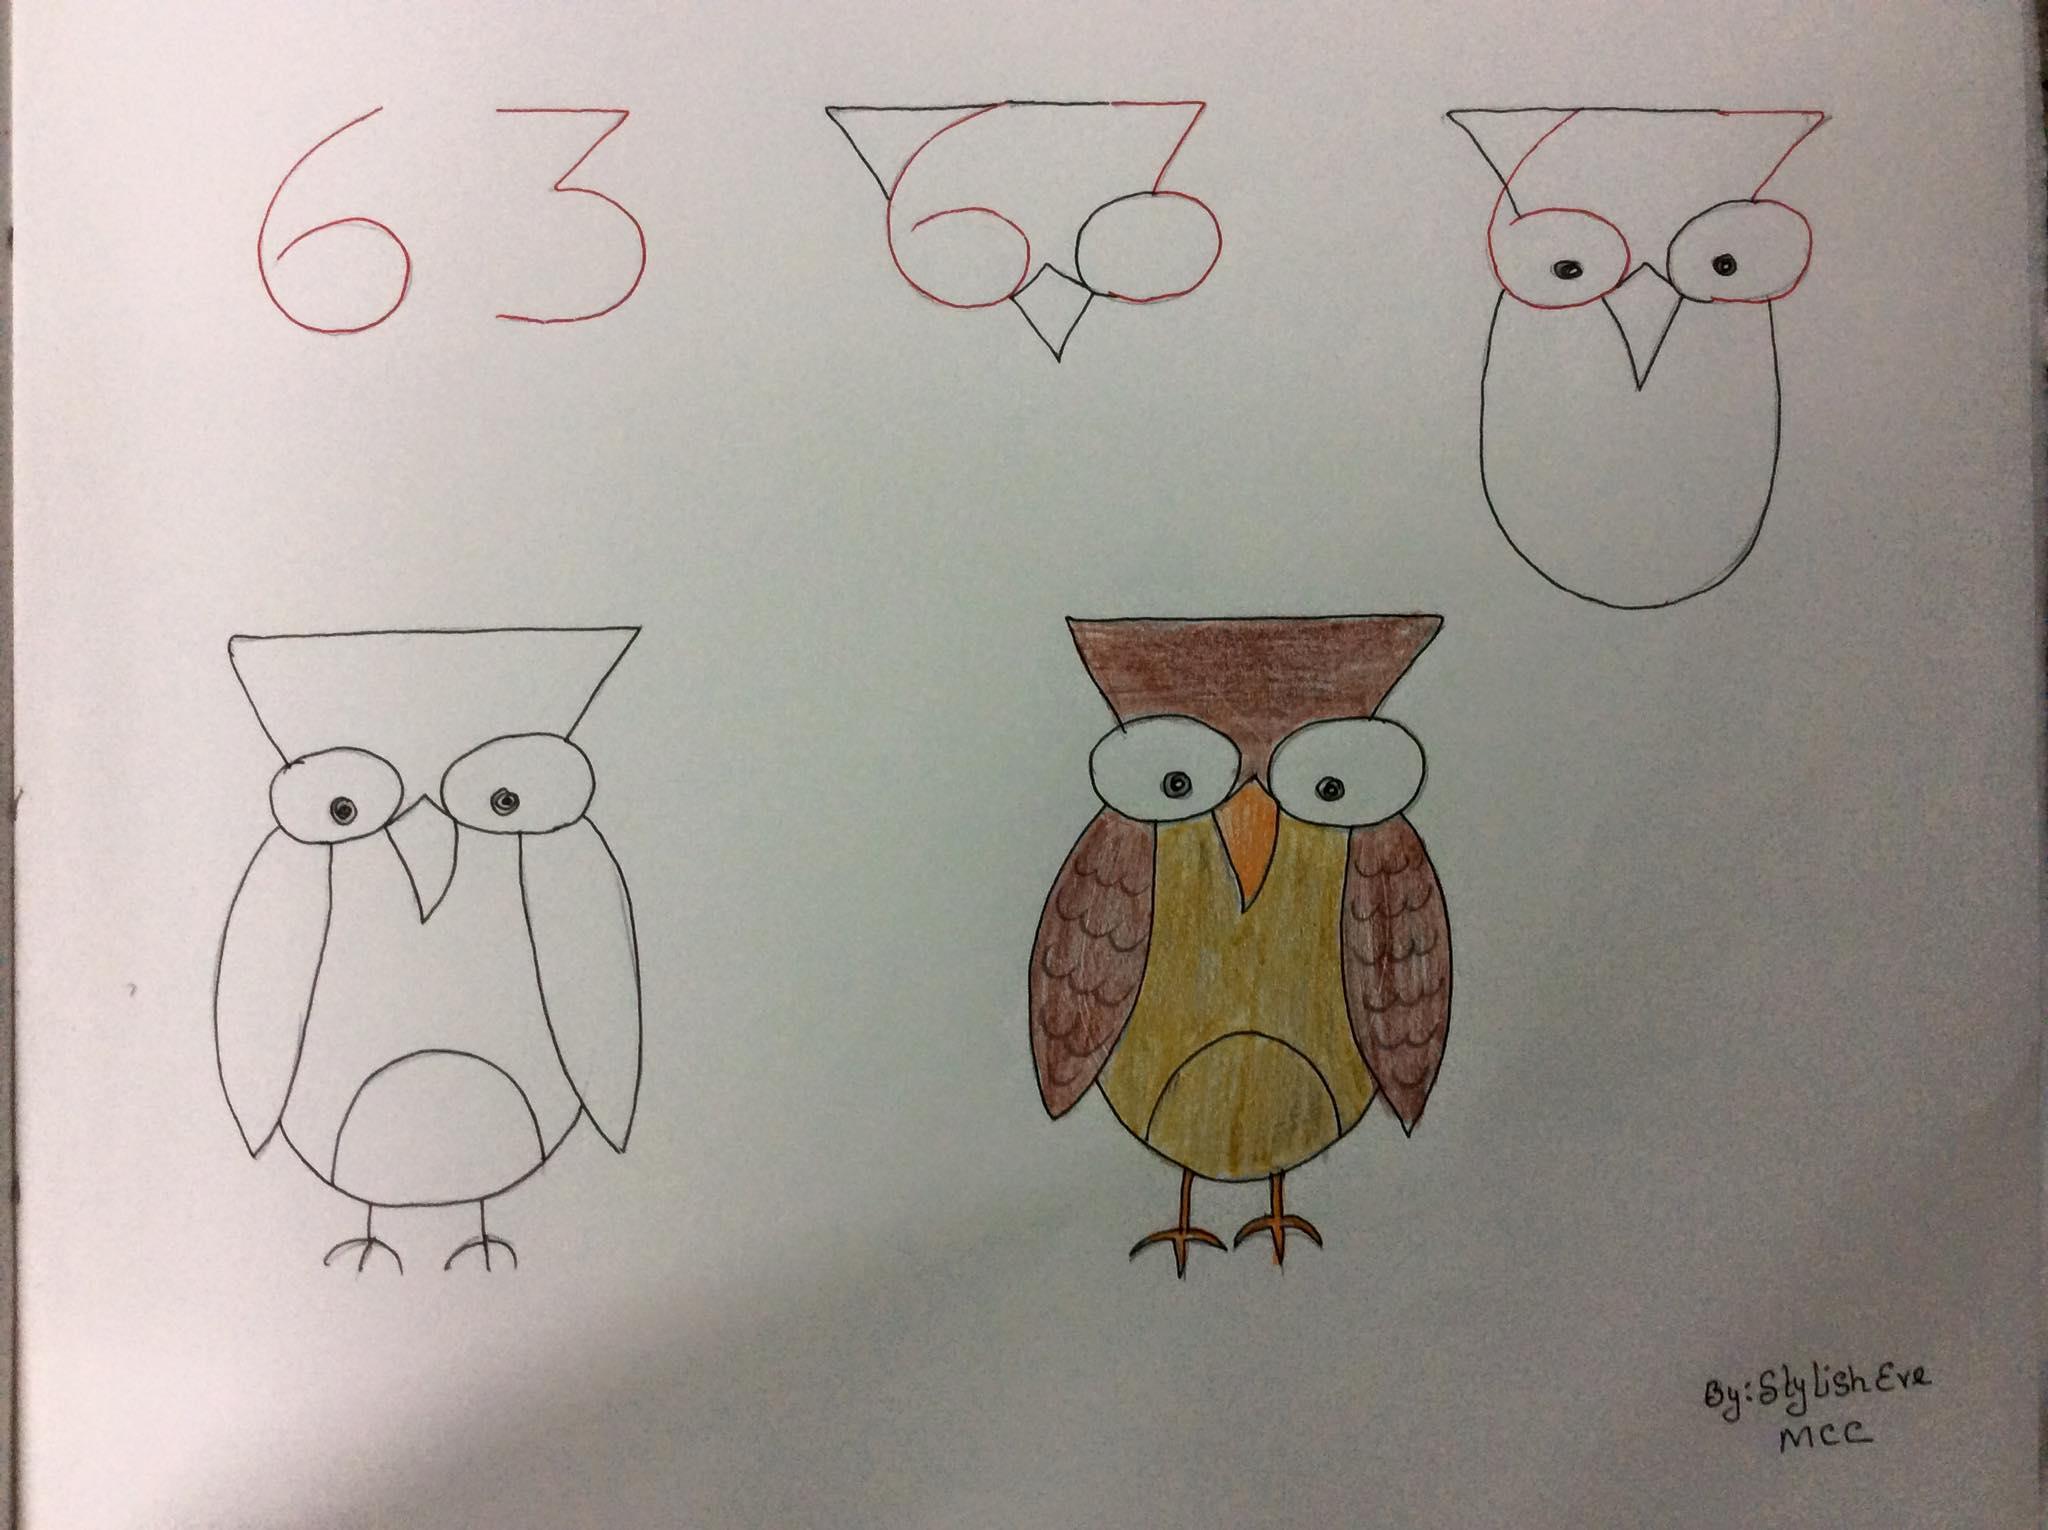 aprende a dibujar con numeros y letras 8